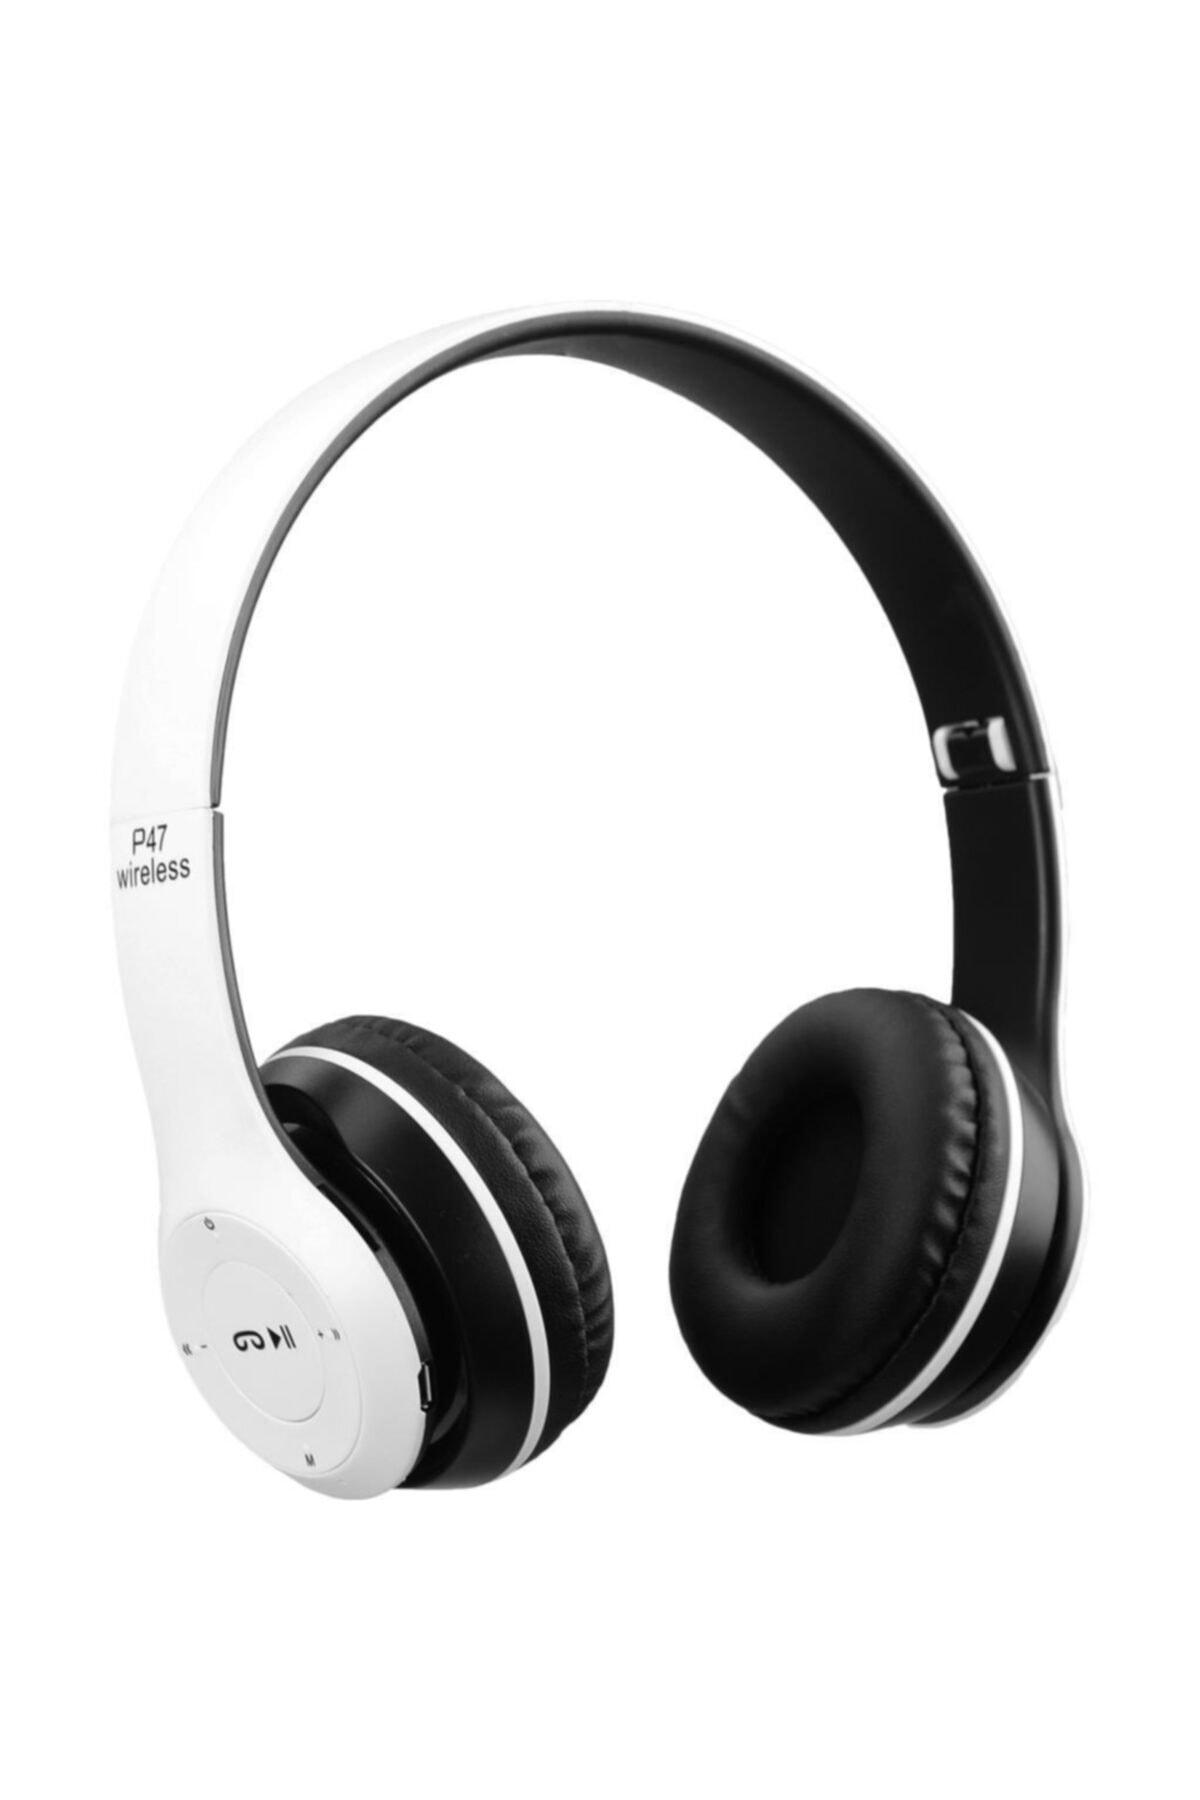 P47 Beyaz  Extra Bass Wireless Bluetooth Kulaklık 5.0+ Edr Fm Radyo